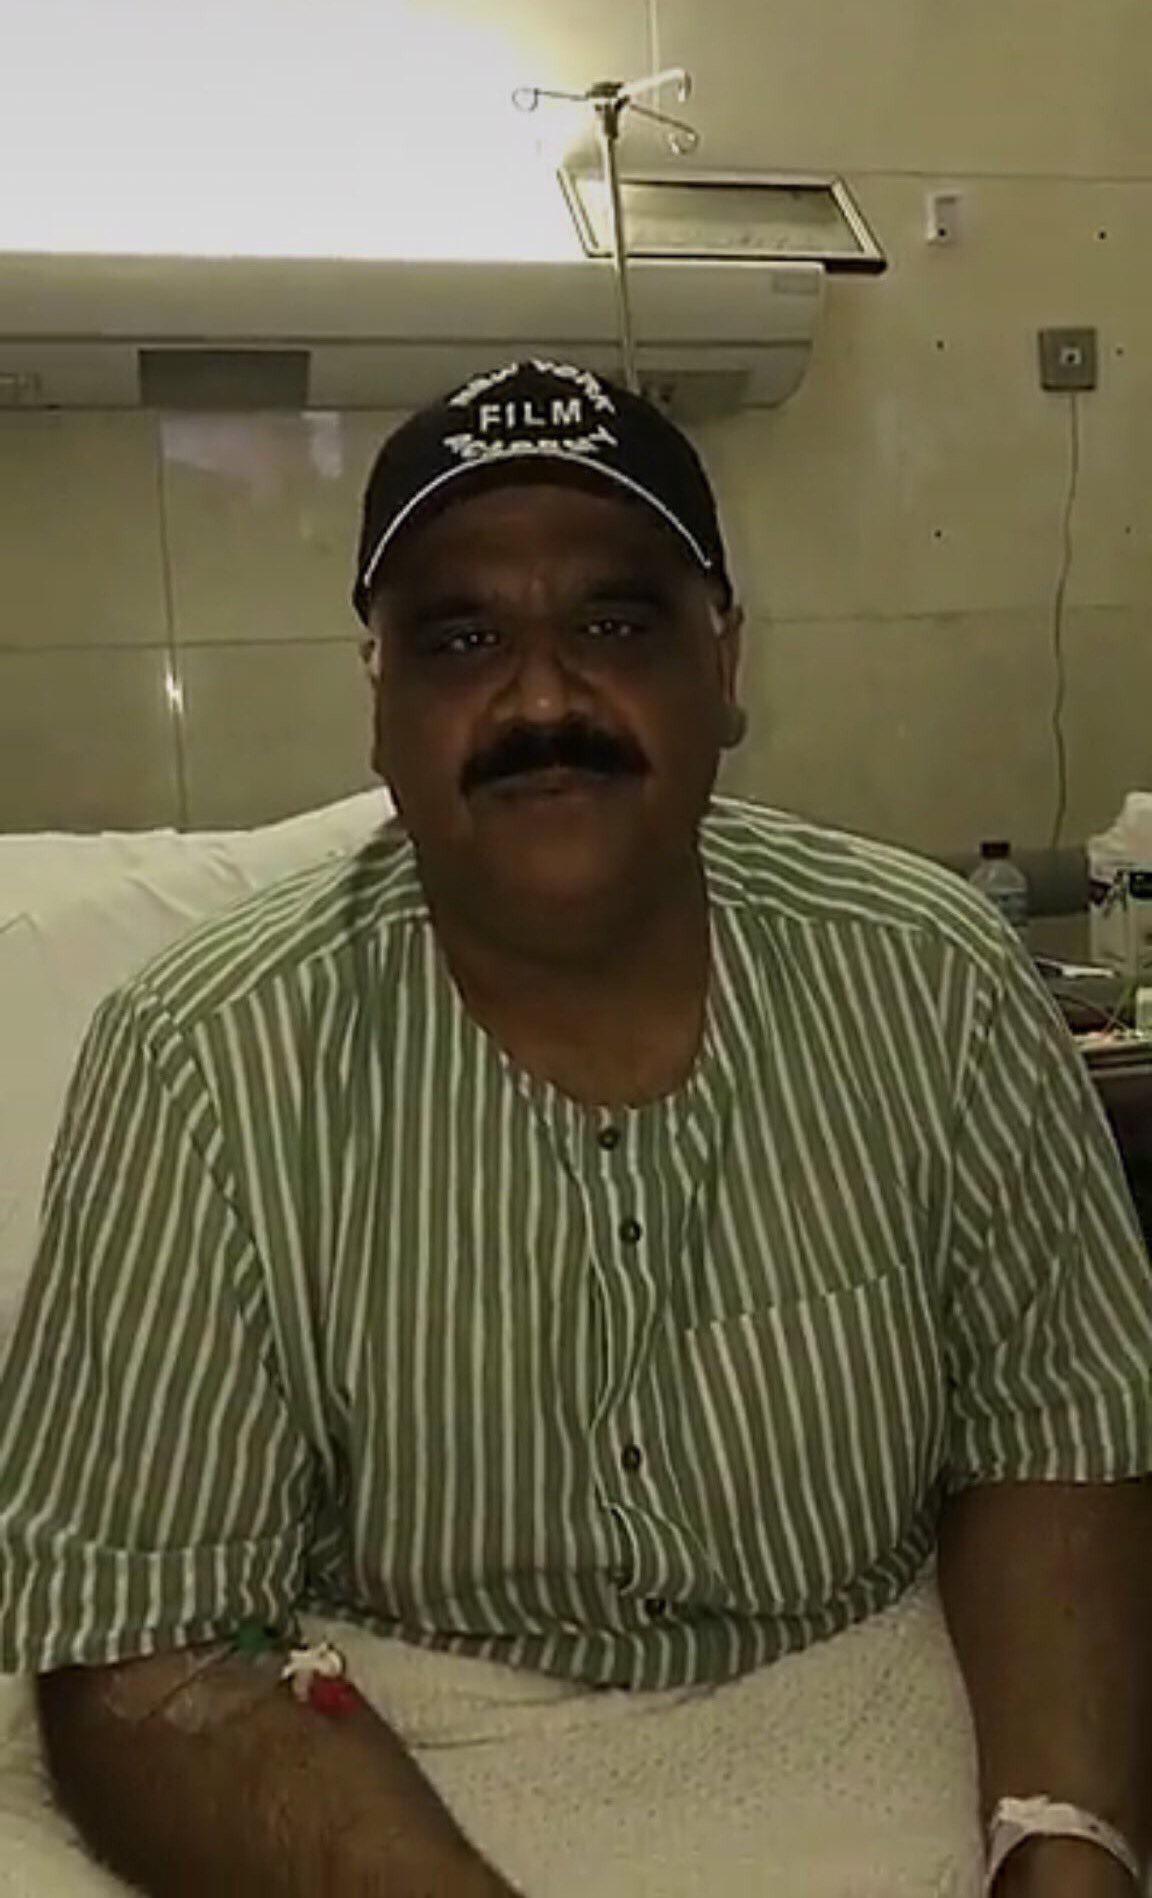 الفنان الكويتي داوود حسين في المستشفى بعد تعرضة للجلطة الدماغية